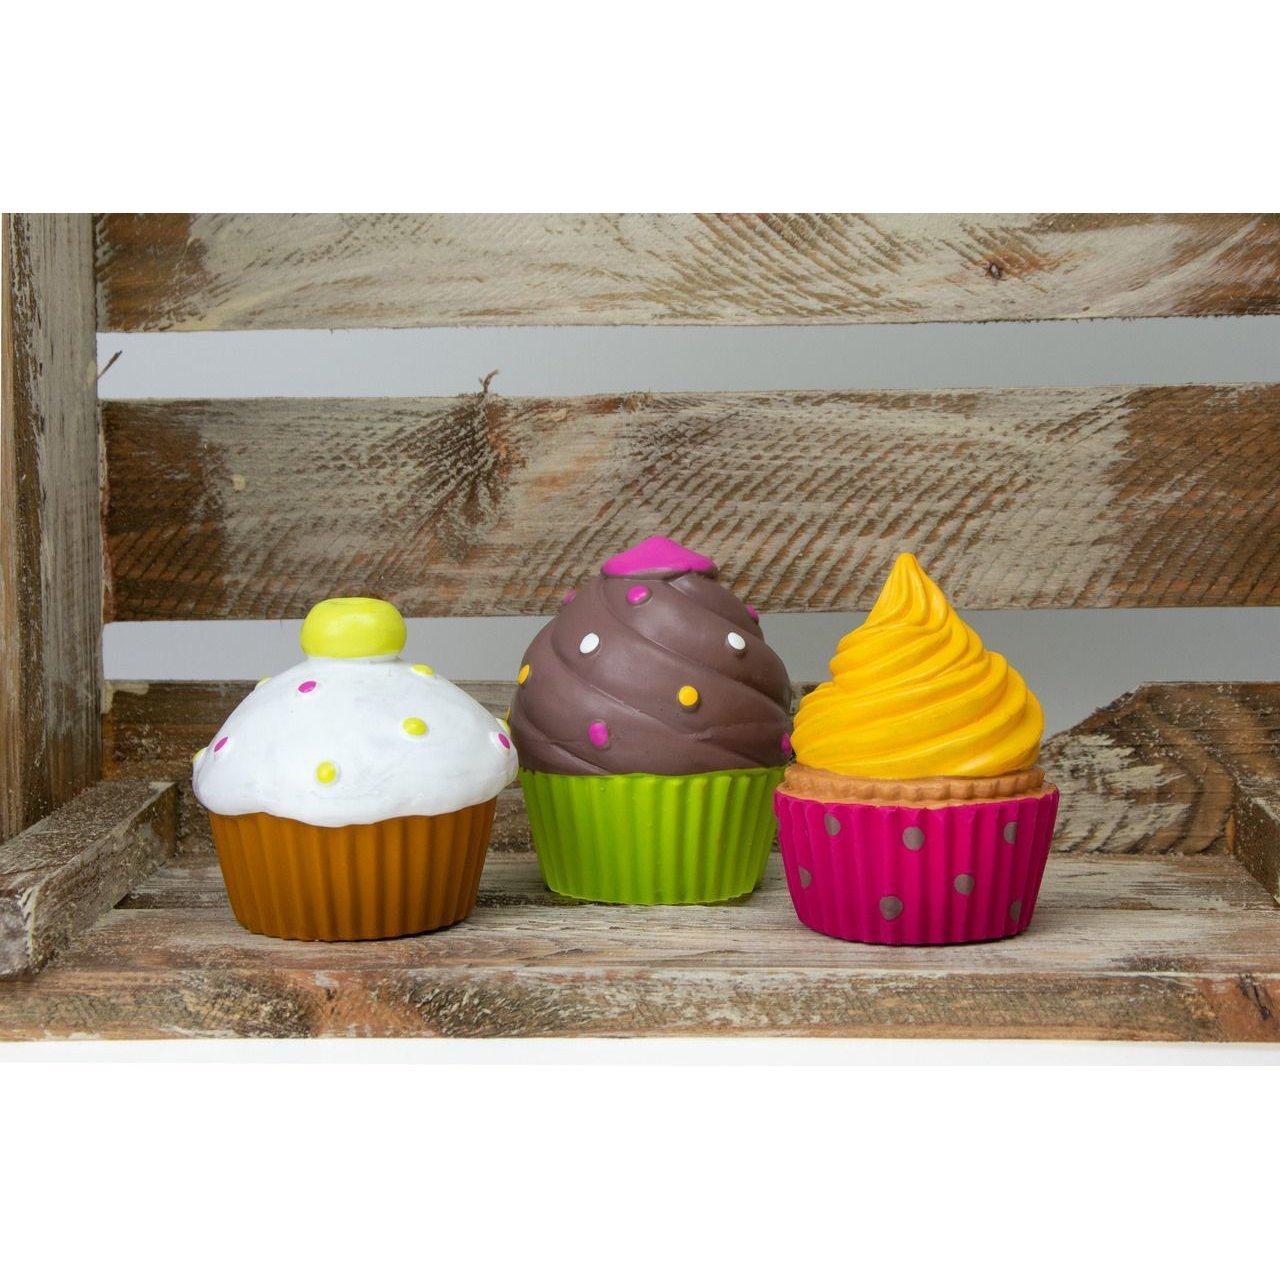 Karlie Hundespielzeug Cupcakes mit Squeaker, Bild 2